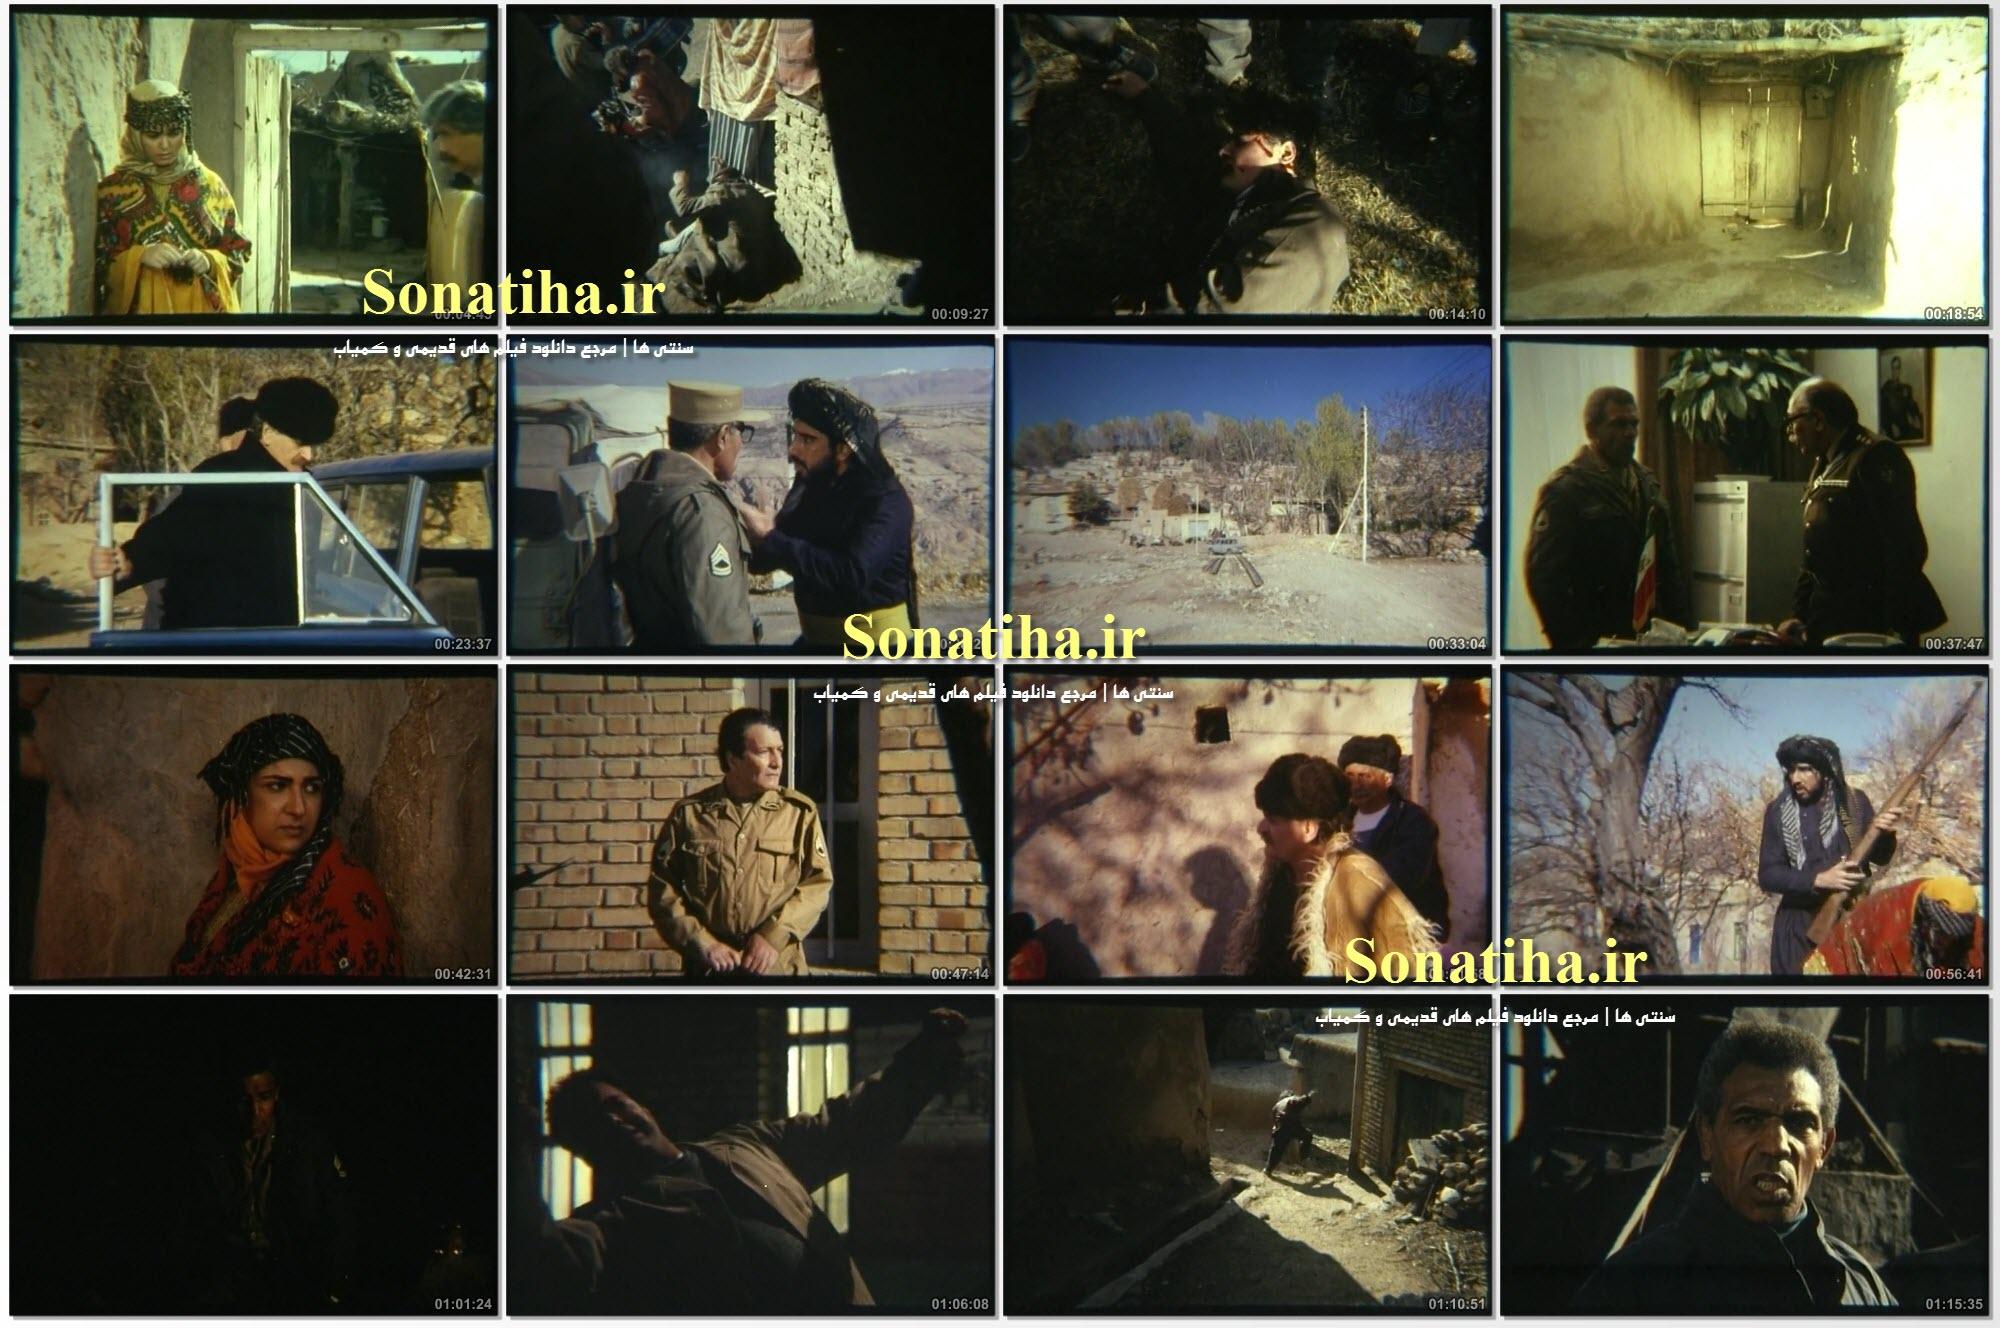 تصاویری از فیلم گاومیش ها